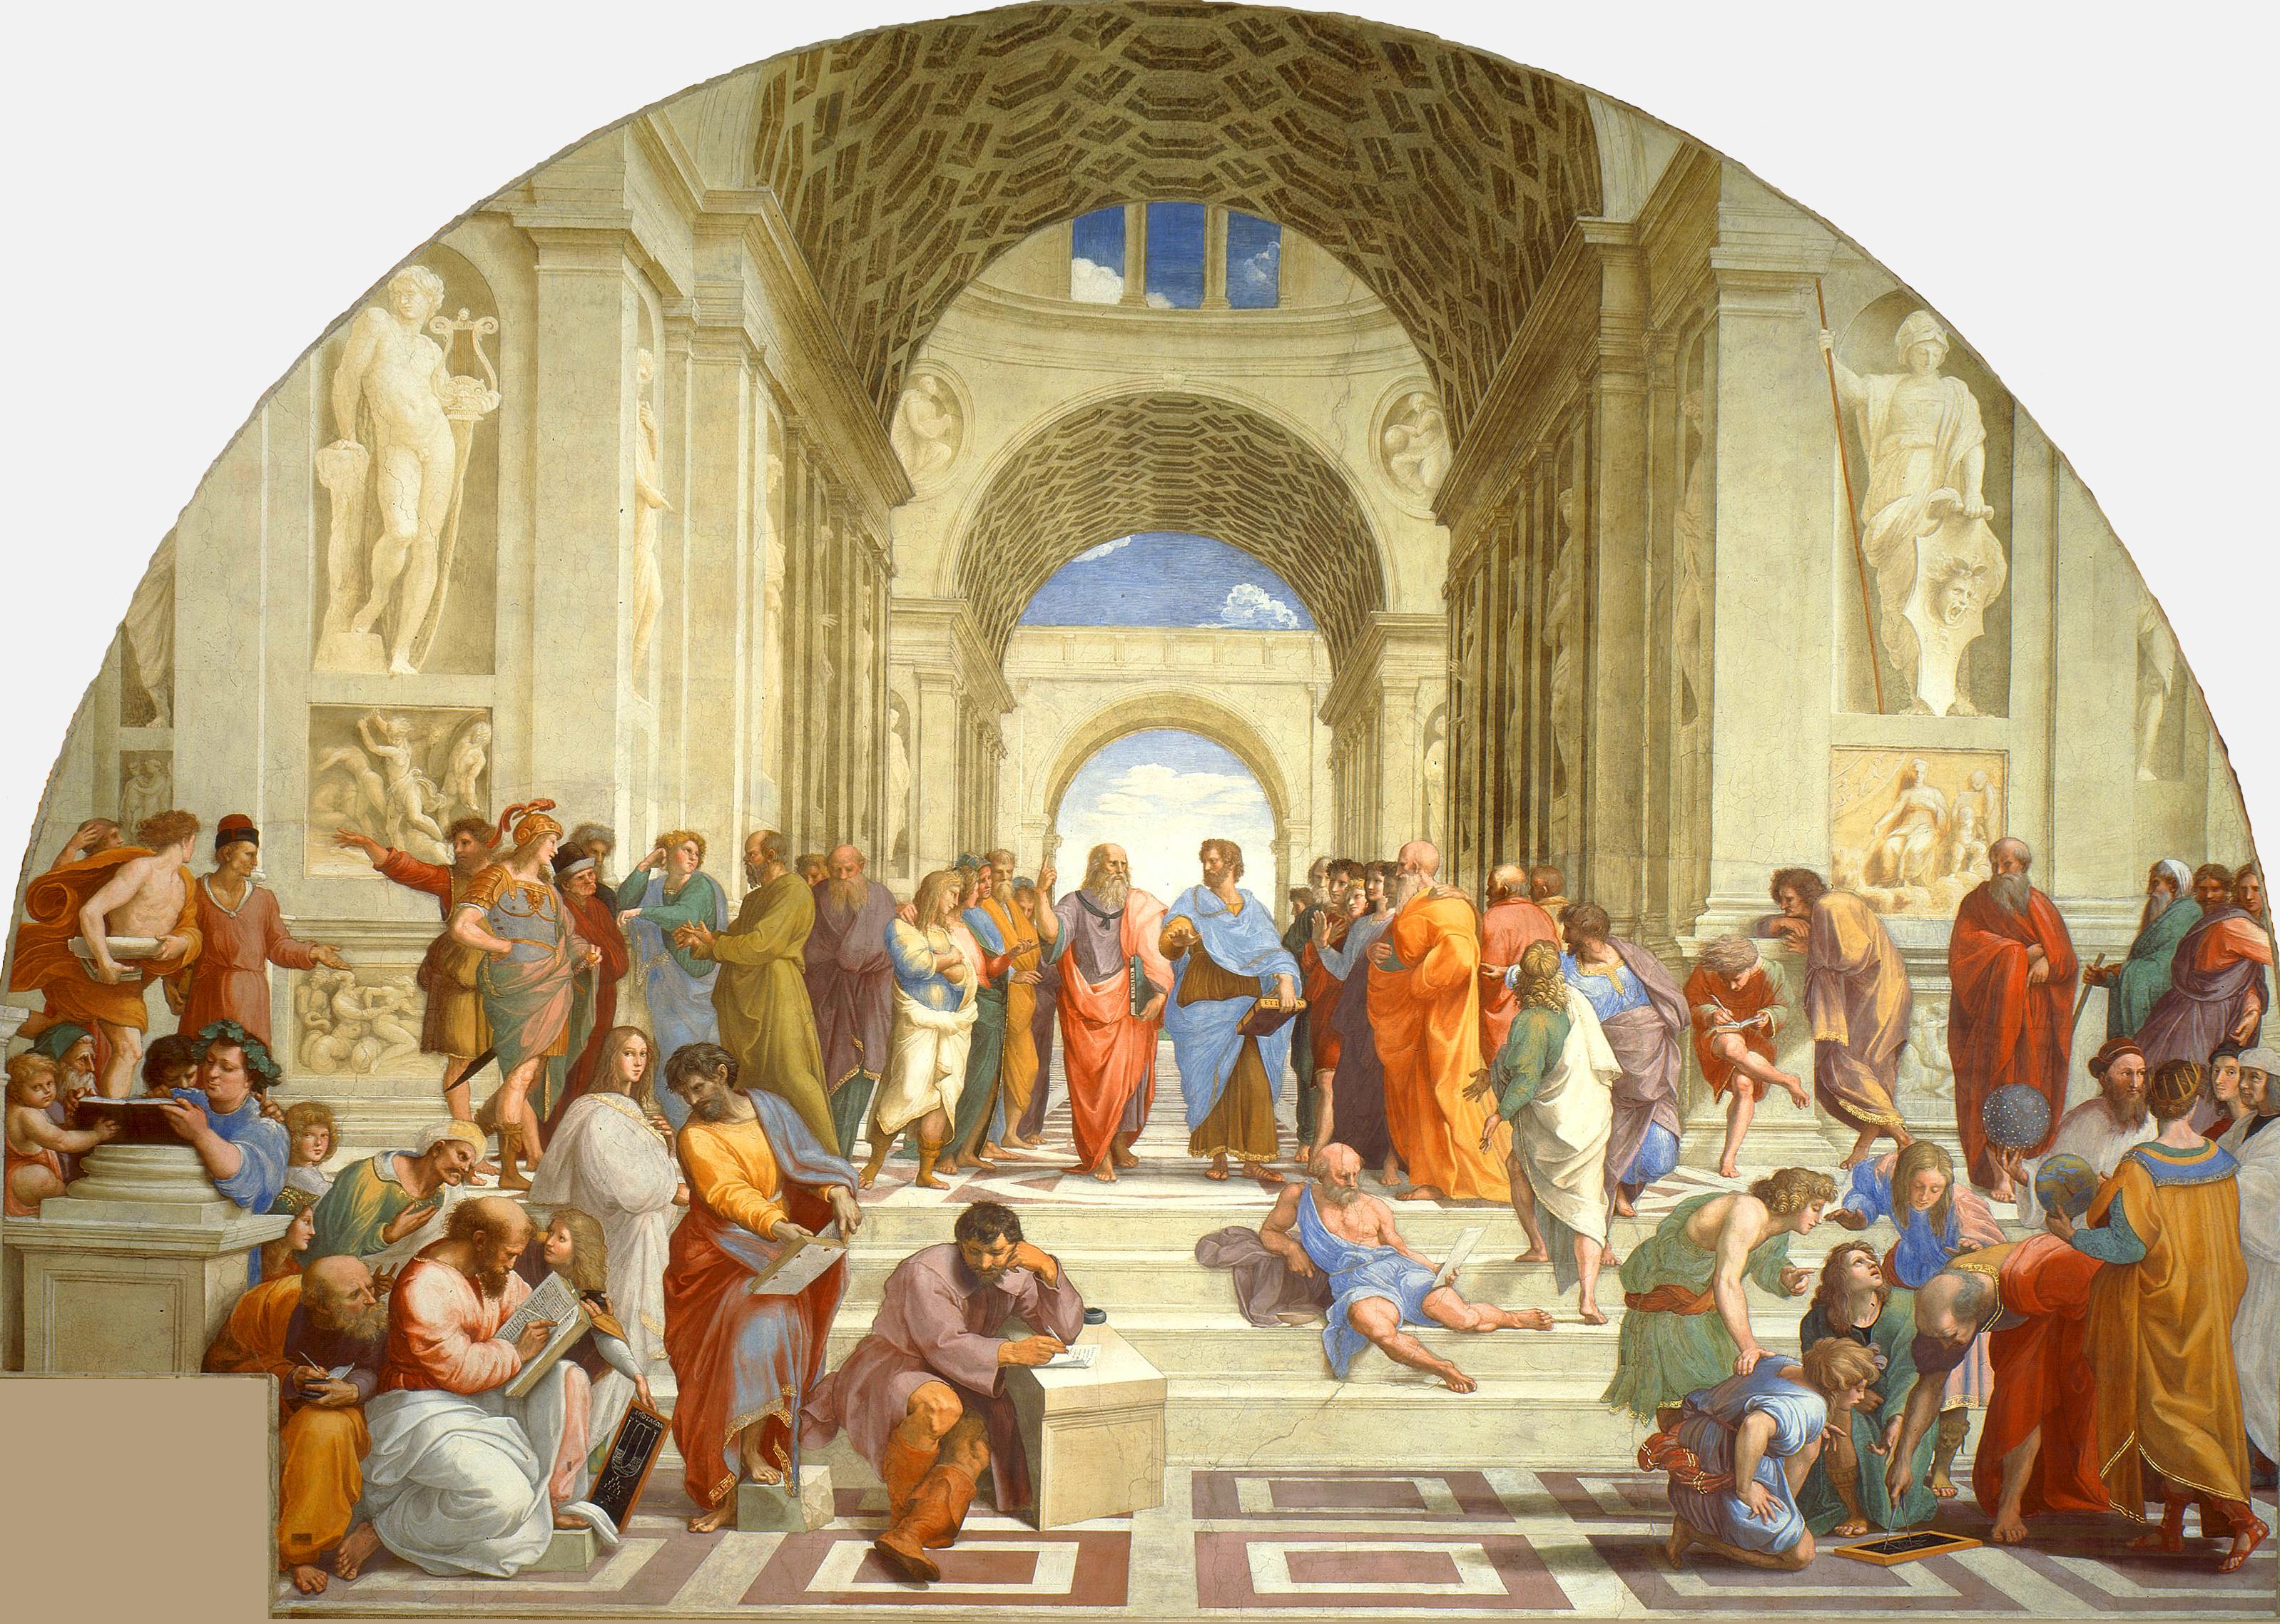 Figura 1 - Rafael Sanzio. A escola de Atenas (1510). Vaticano, Stanza della Segnatura.